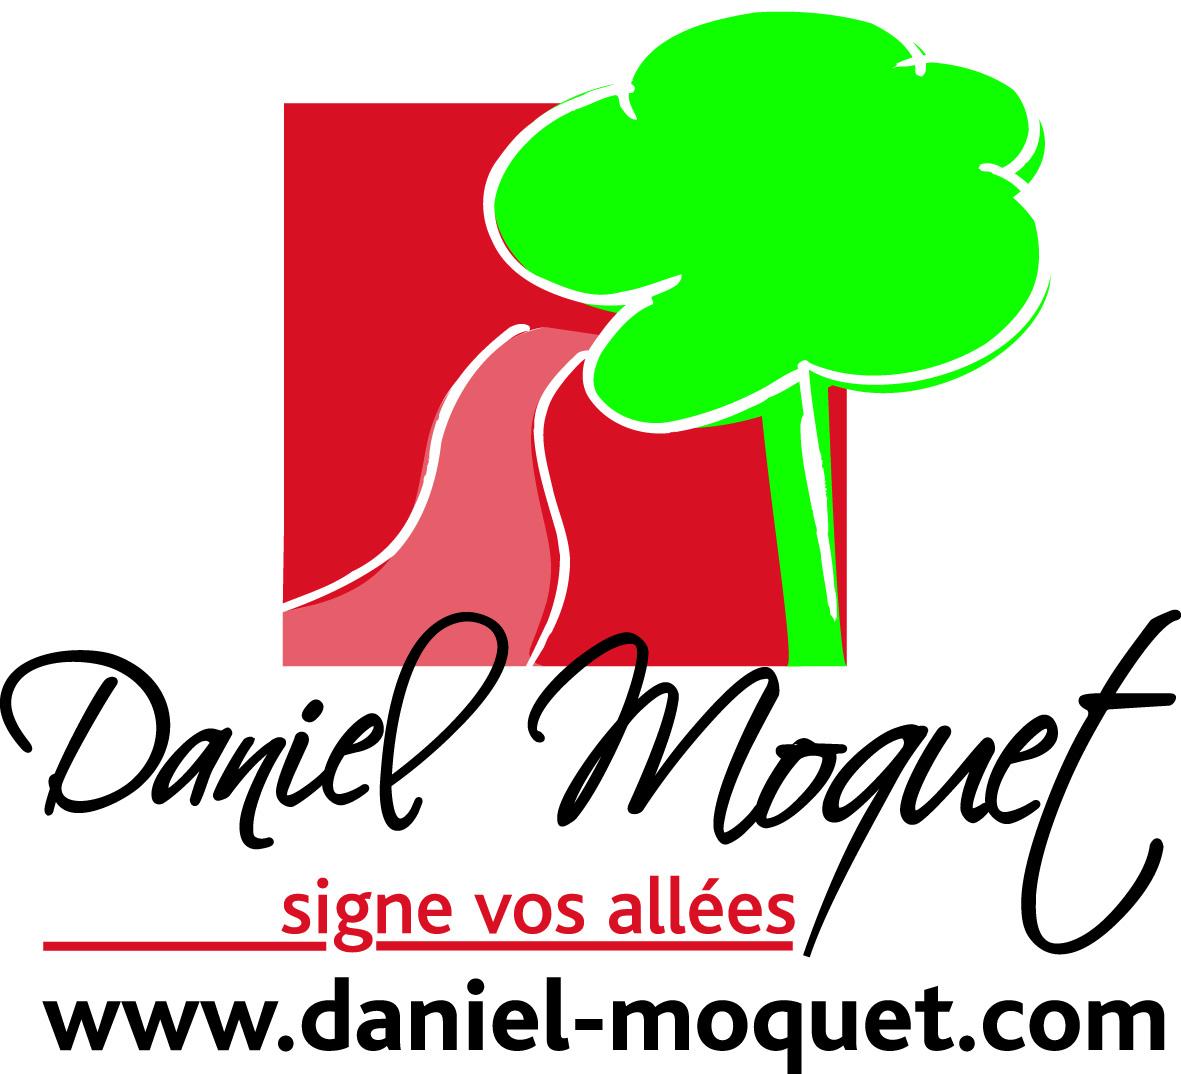 Daniel Moquet signe vos allées - Ent. Neau